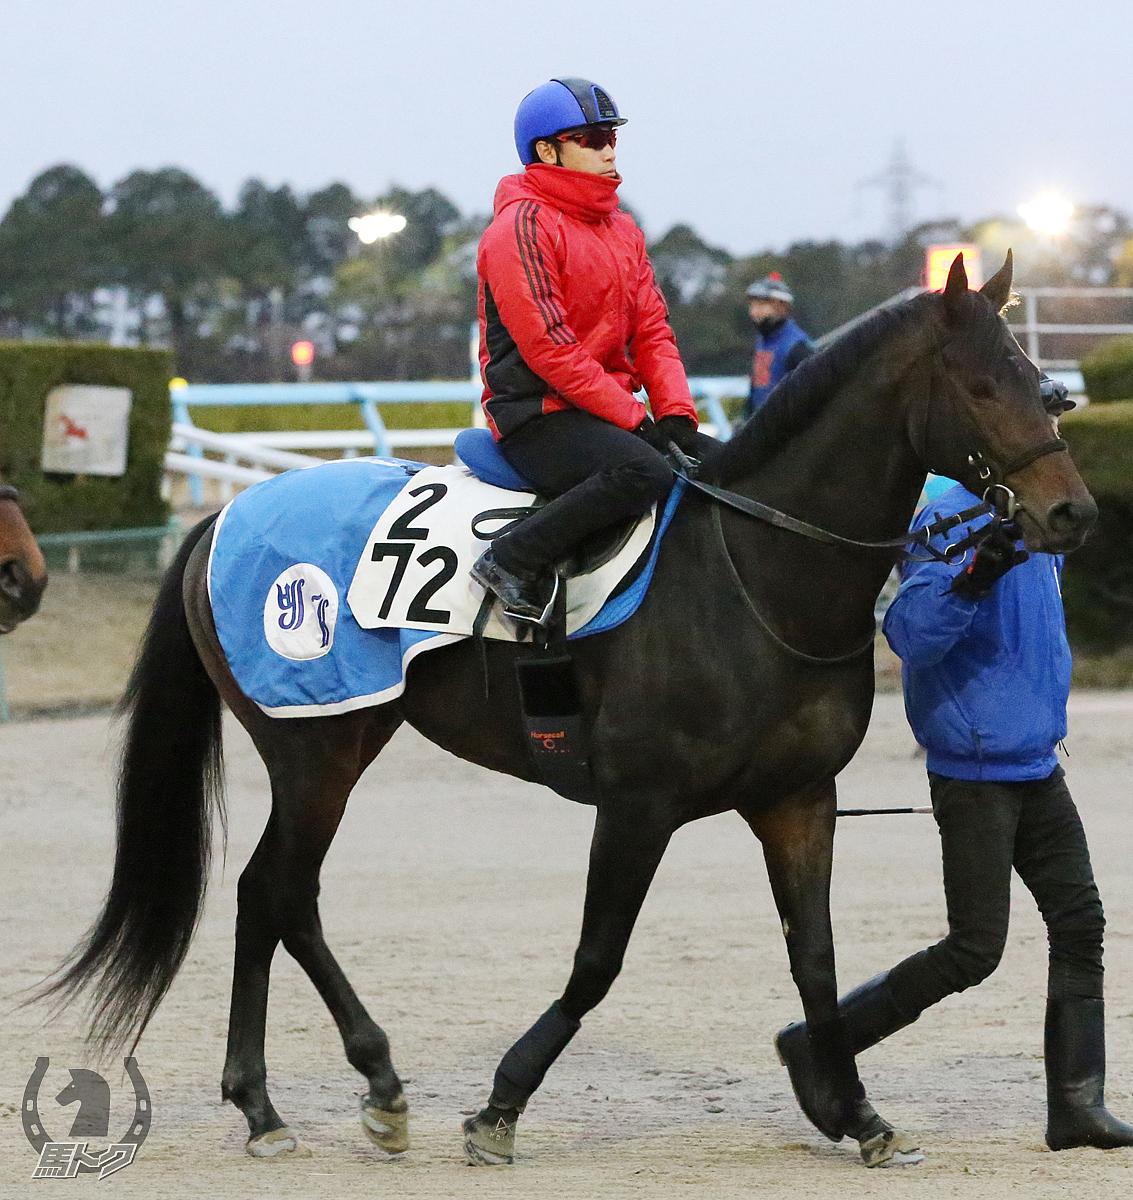 ヴェルトライゼンデの馬体写真